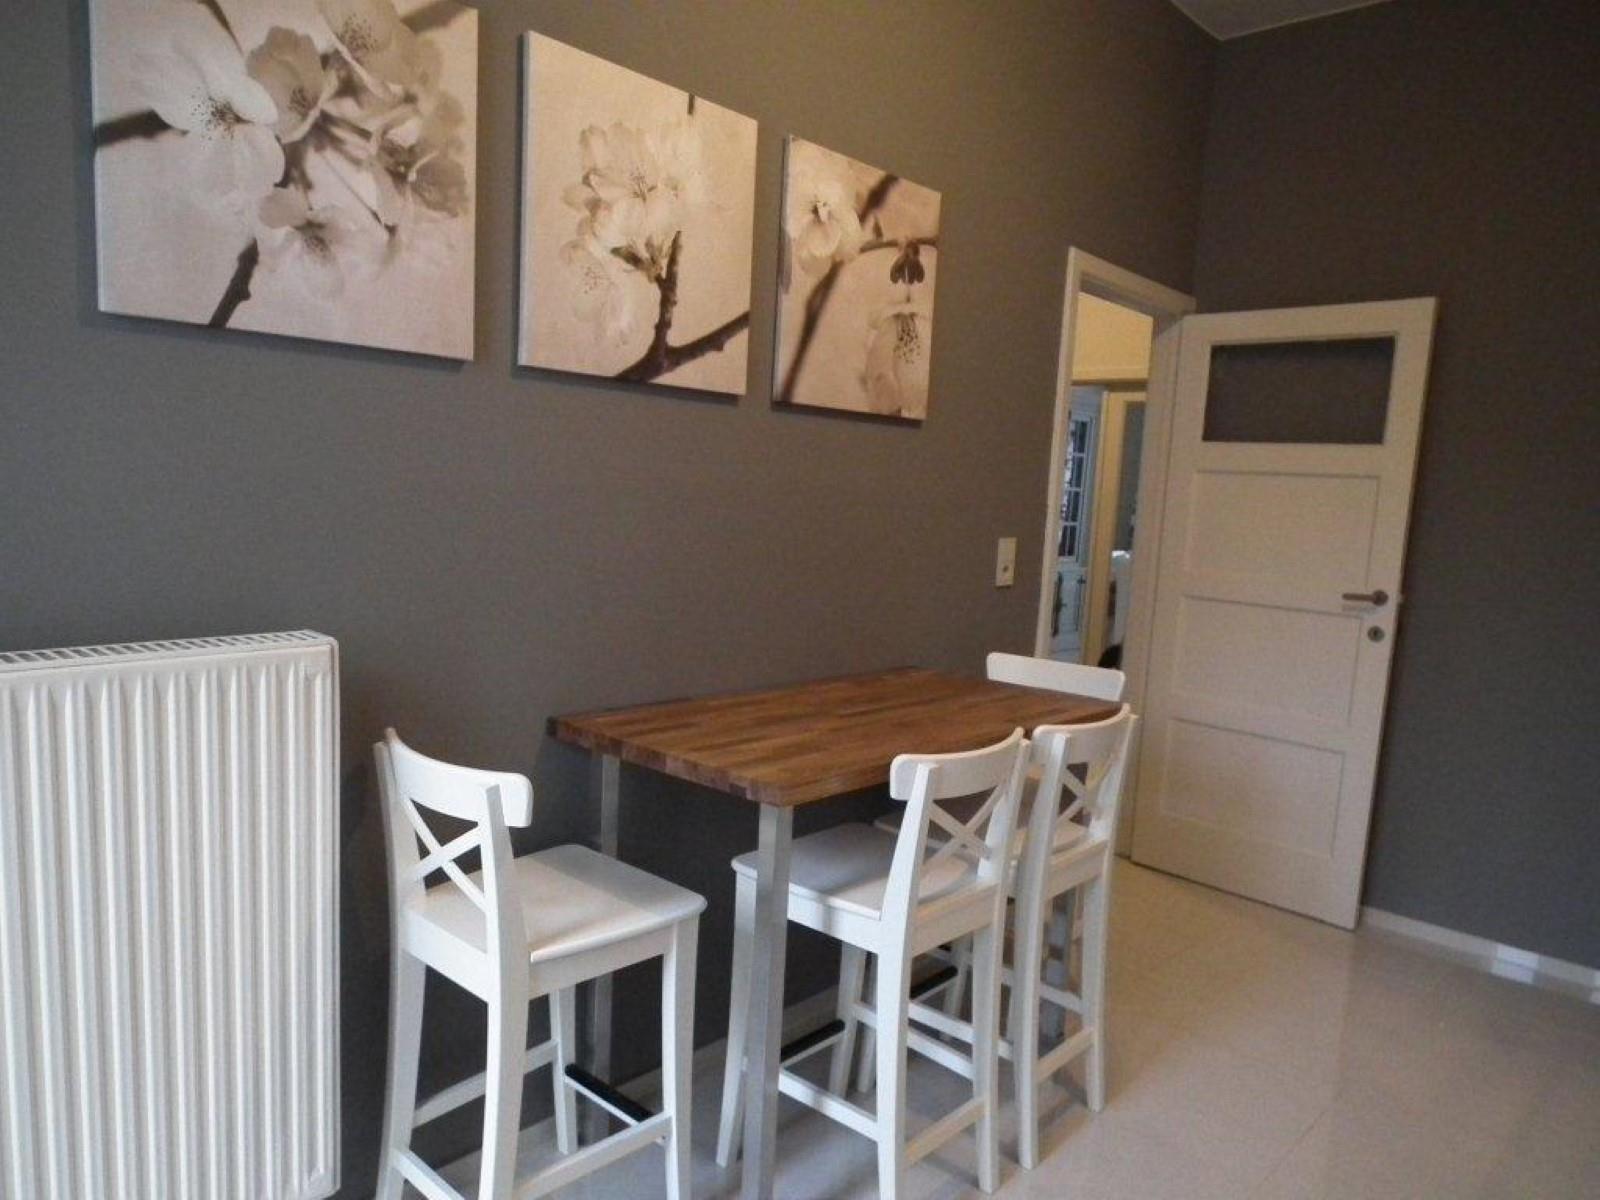 Flat - Ixelles - #3551867-4